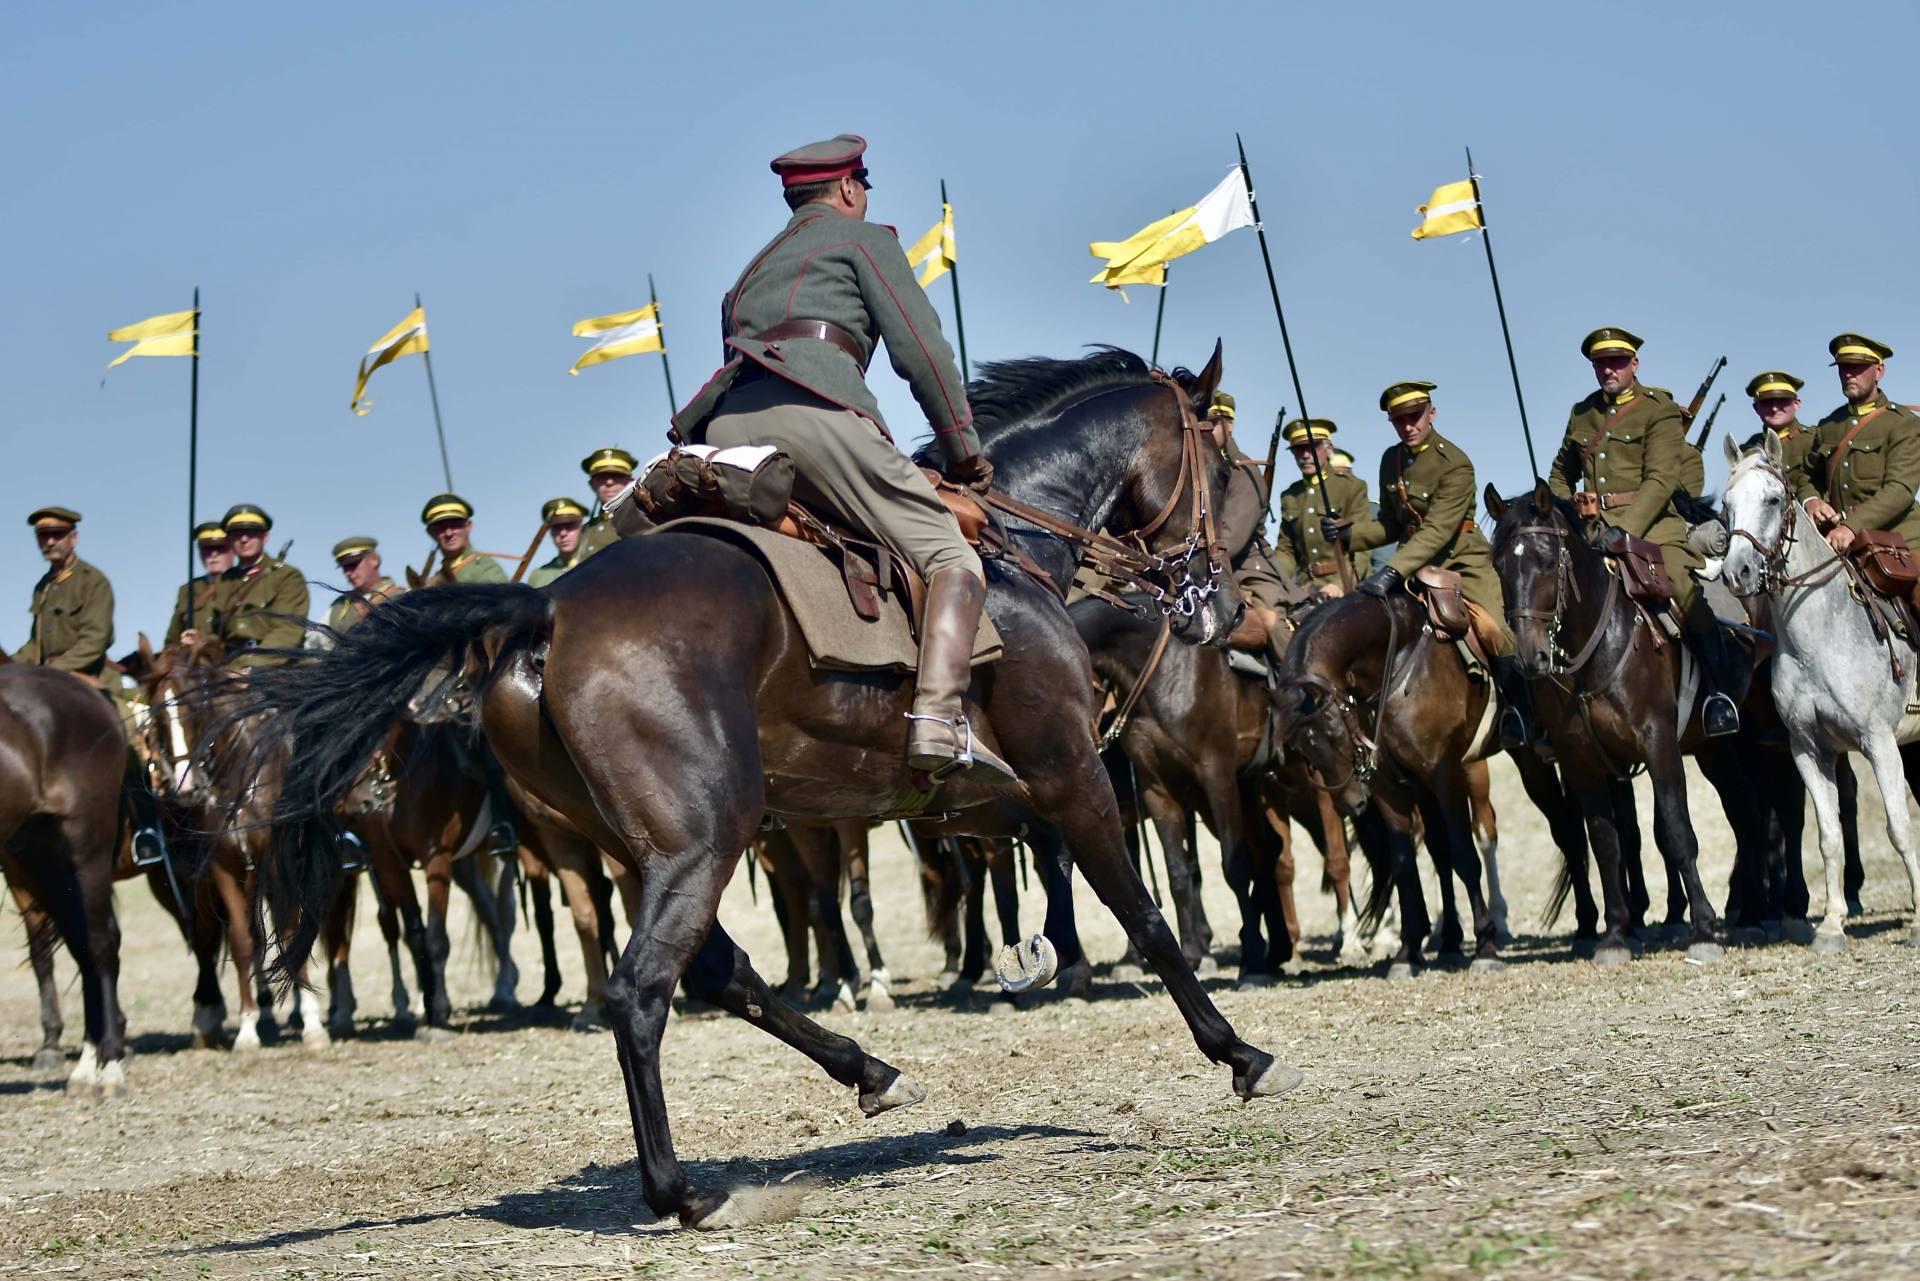 dsc 1194 Czas szabli - 100 rocznica bitwy pod Komarowem(zdjęcia)